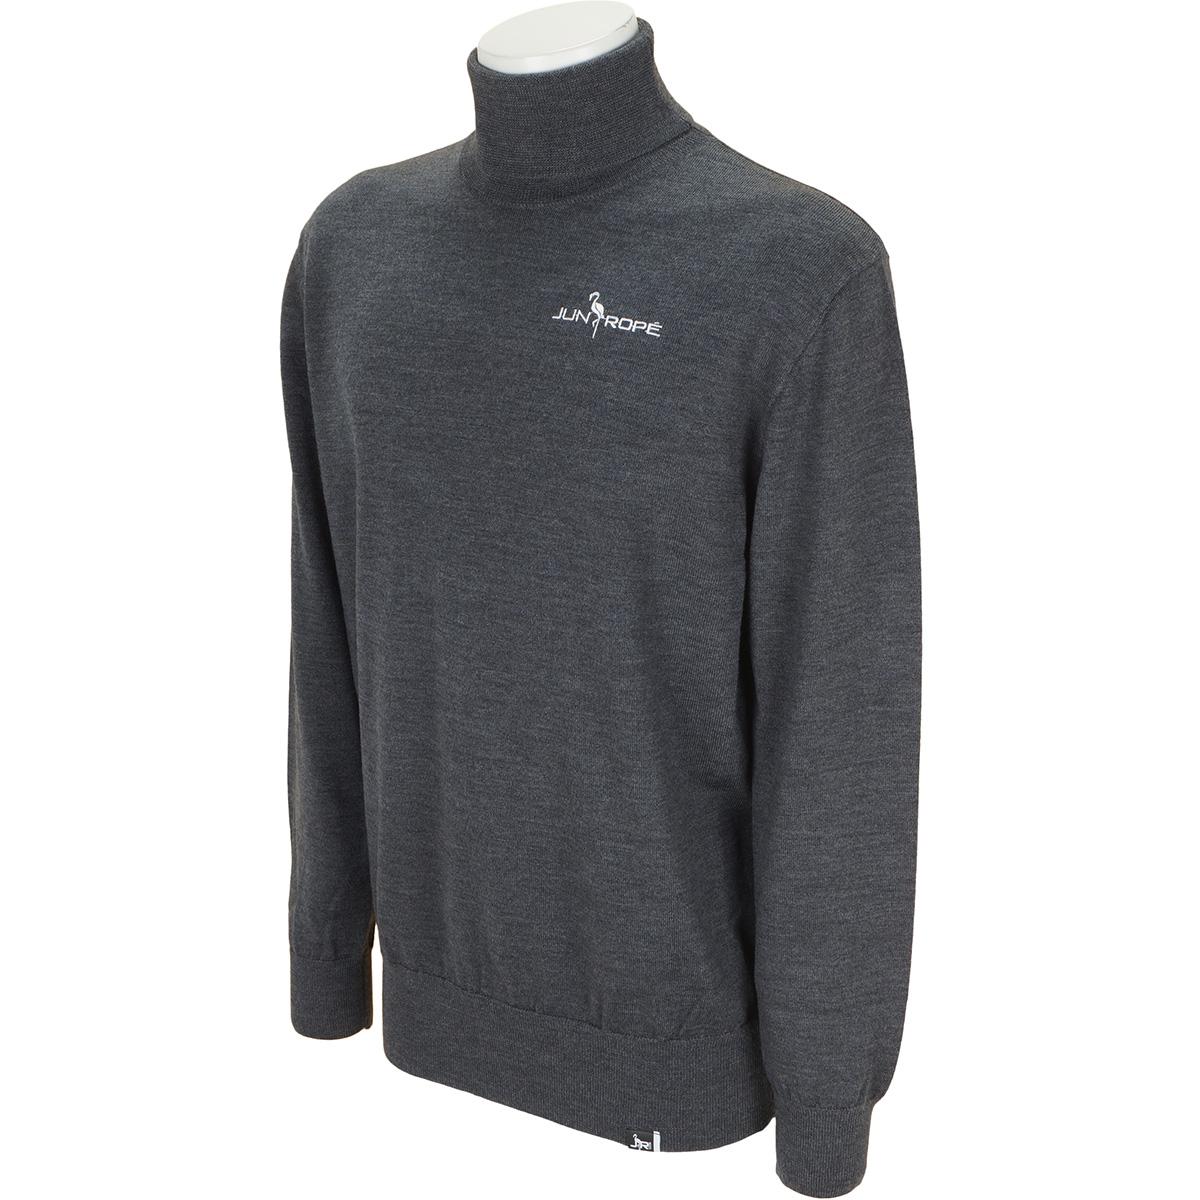 ロゴ刺繍入りタートルネックセーター